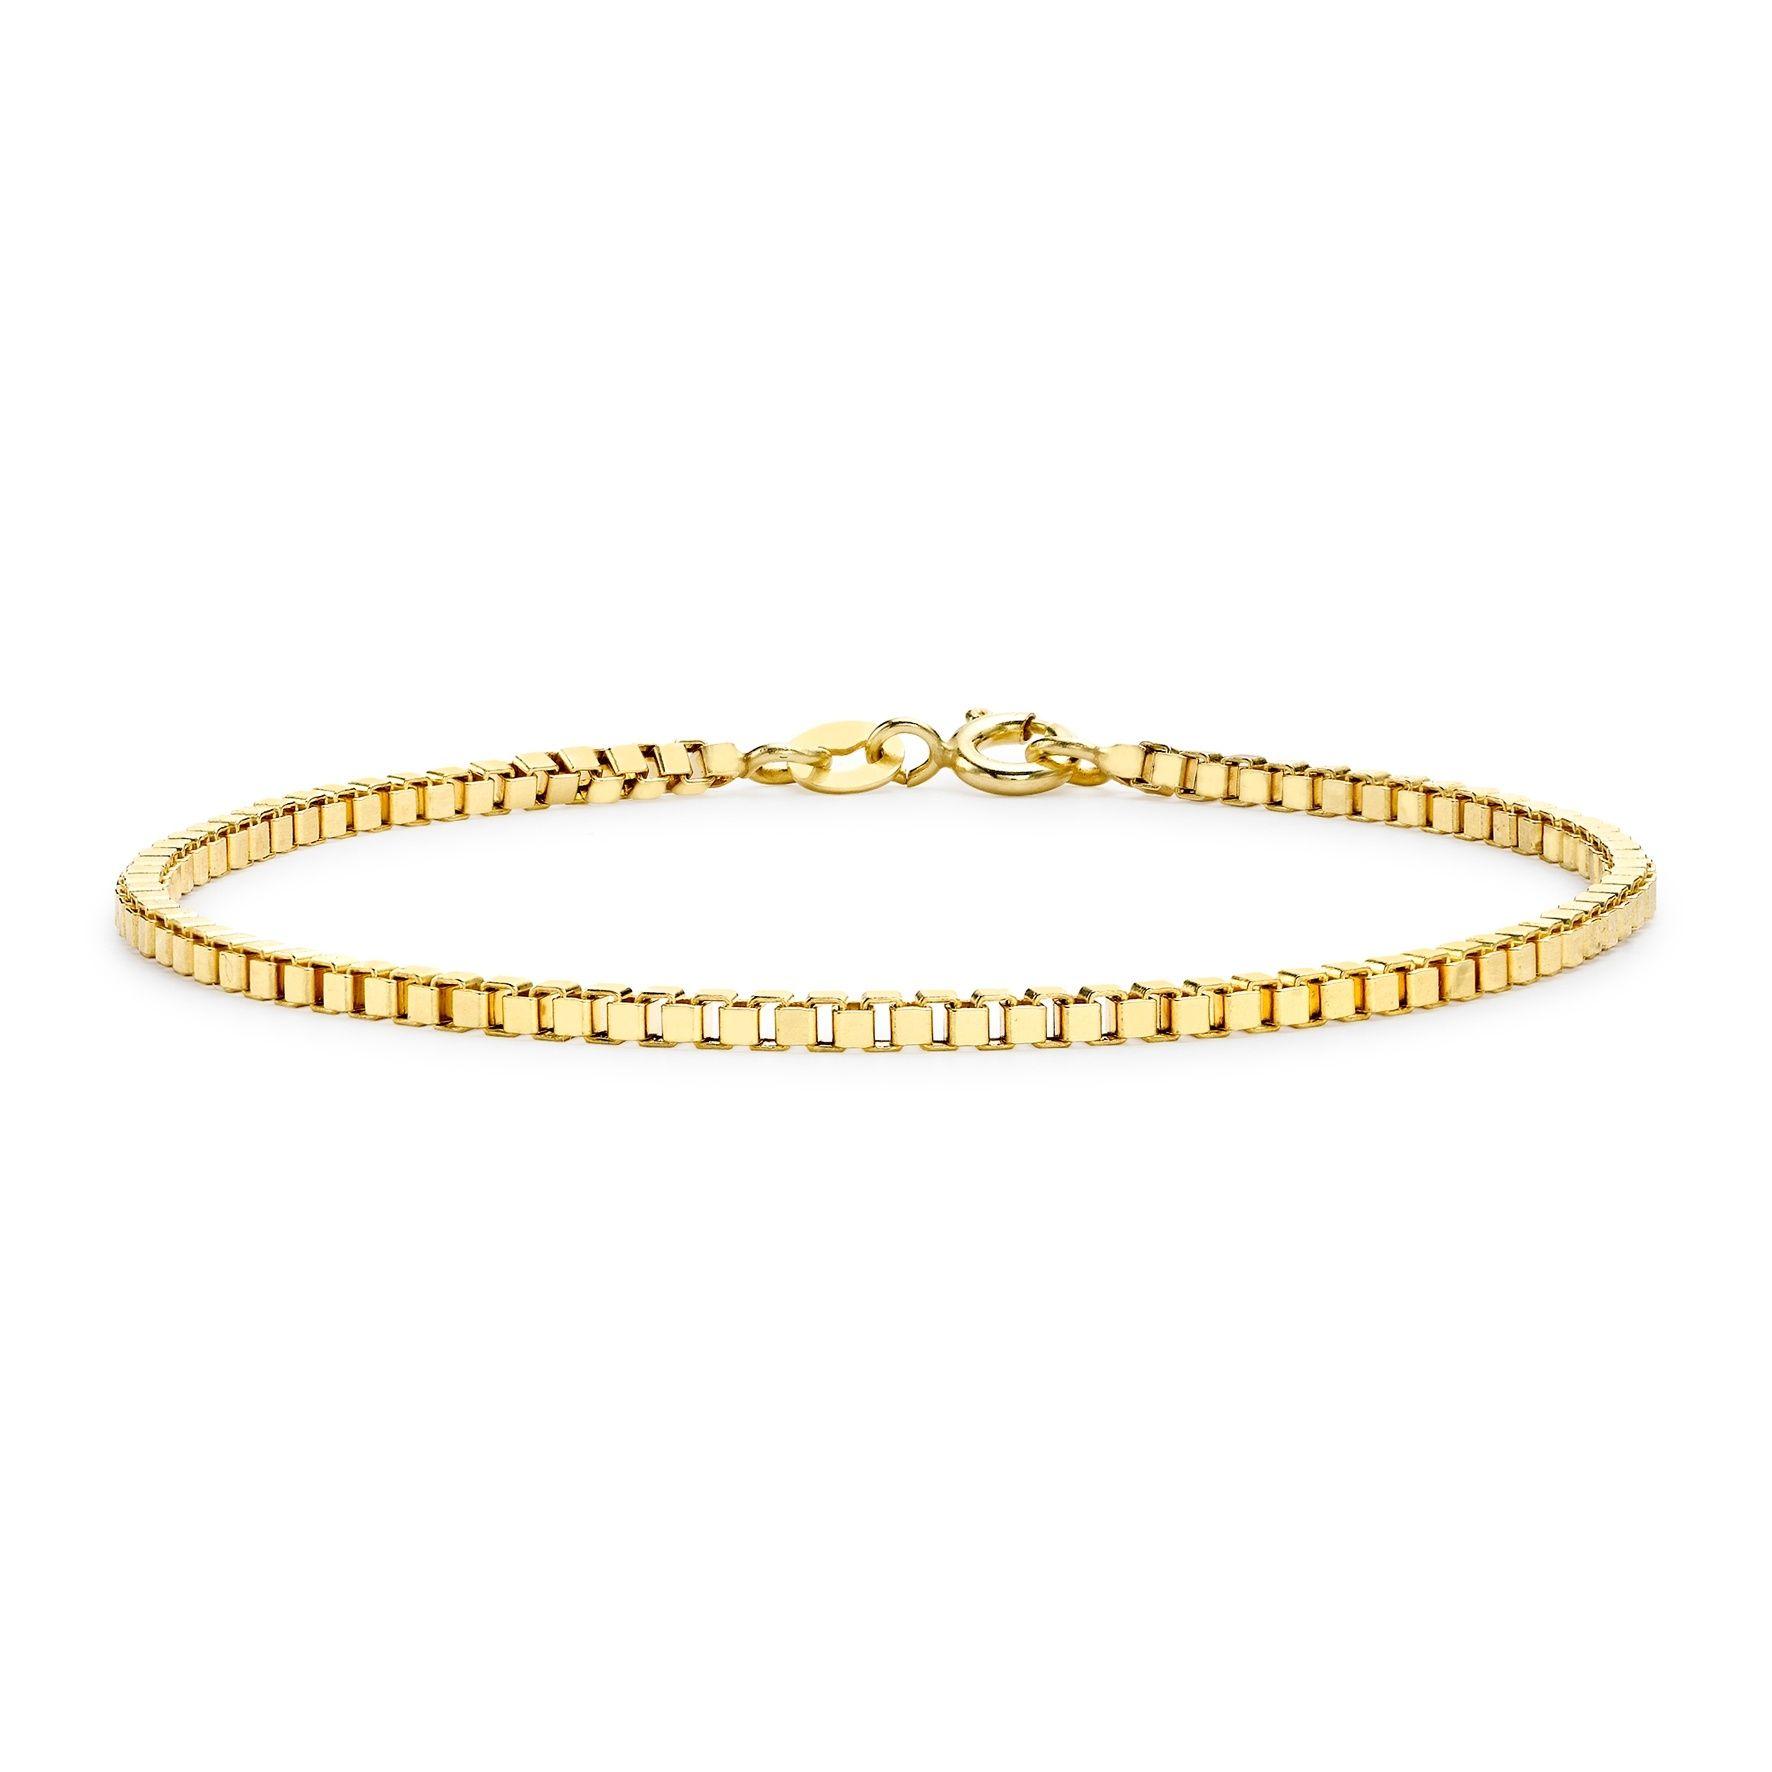 Armband 9K Guld - Venezialänk 19 cm